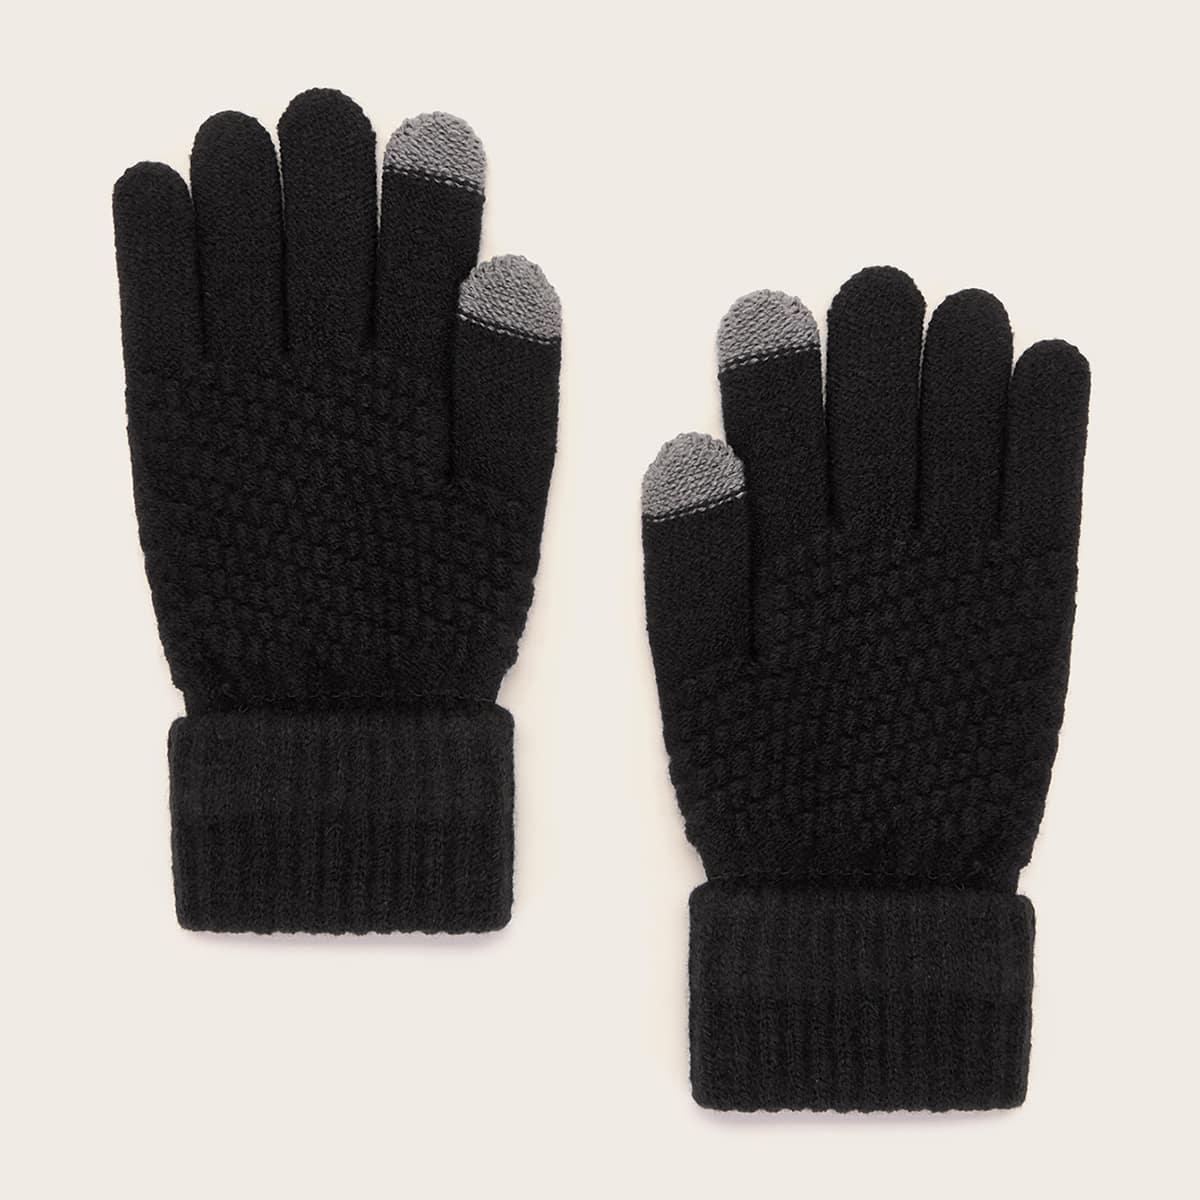 Трикотажные перчатки 1 пара